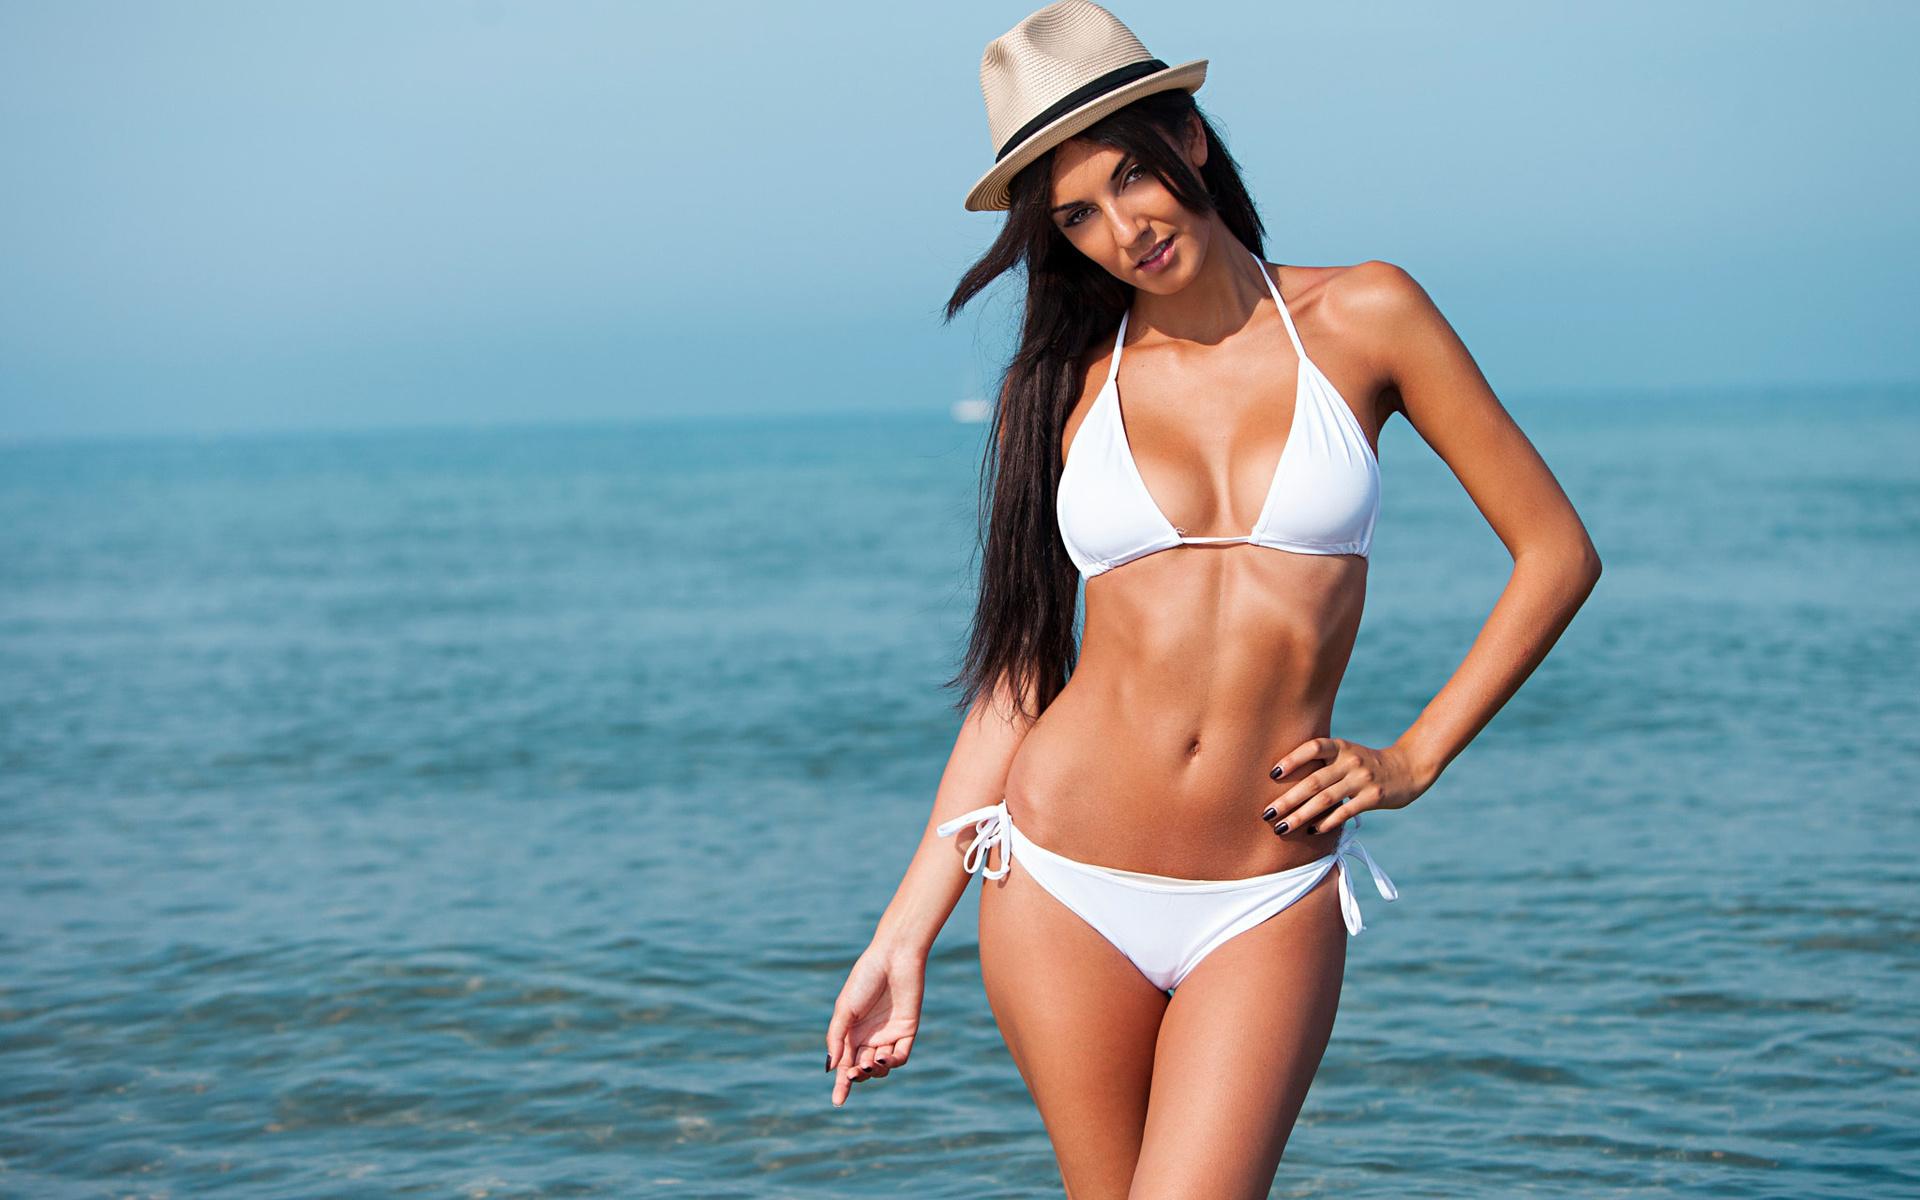 pictures-of-bikini-women